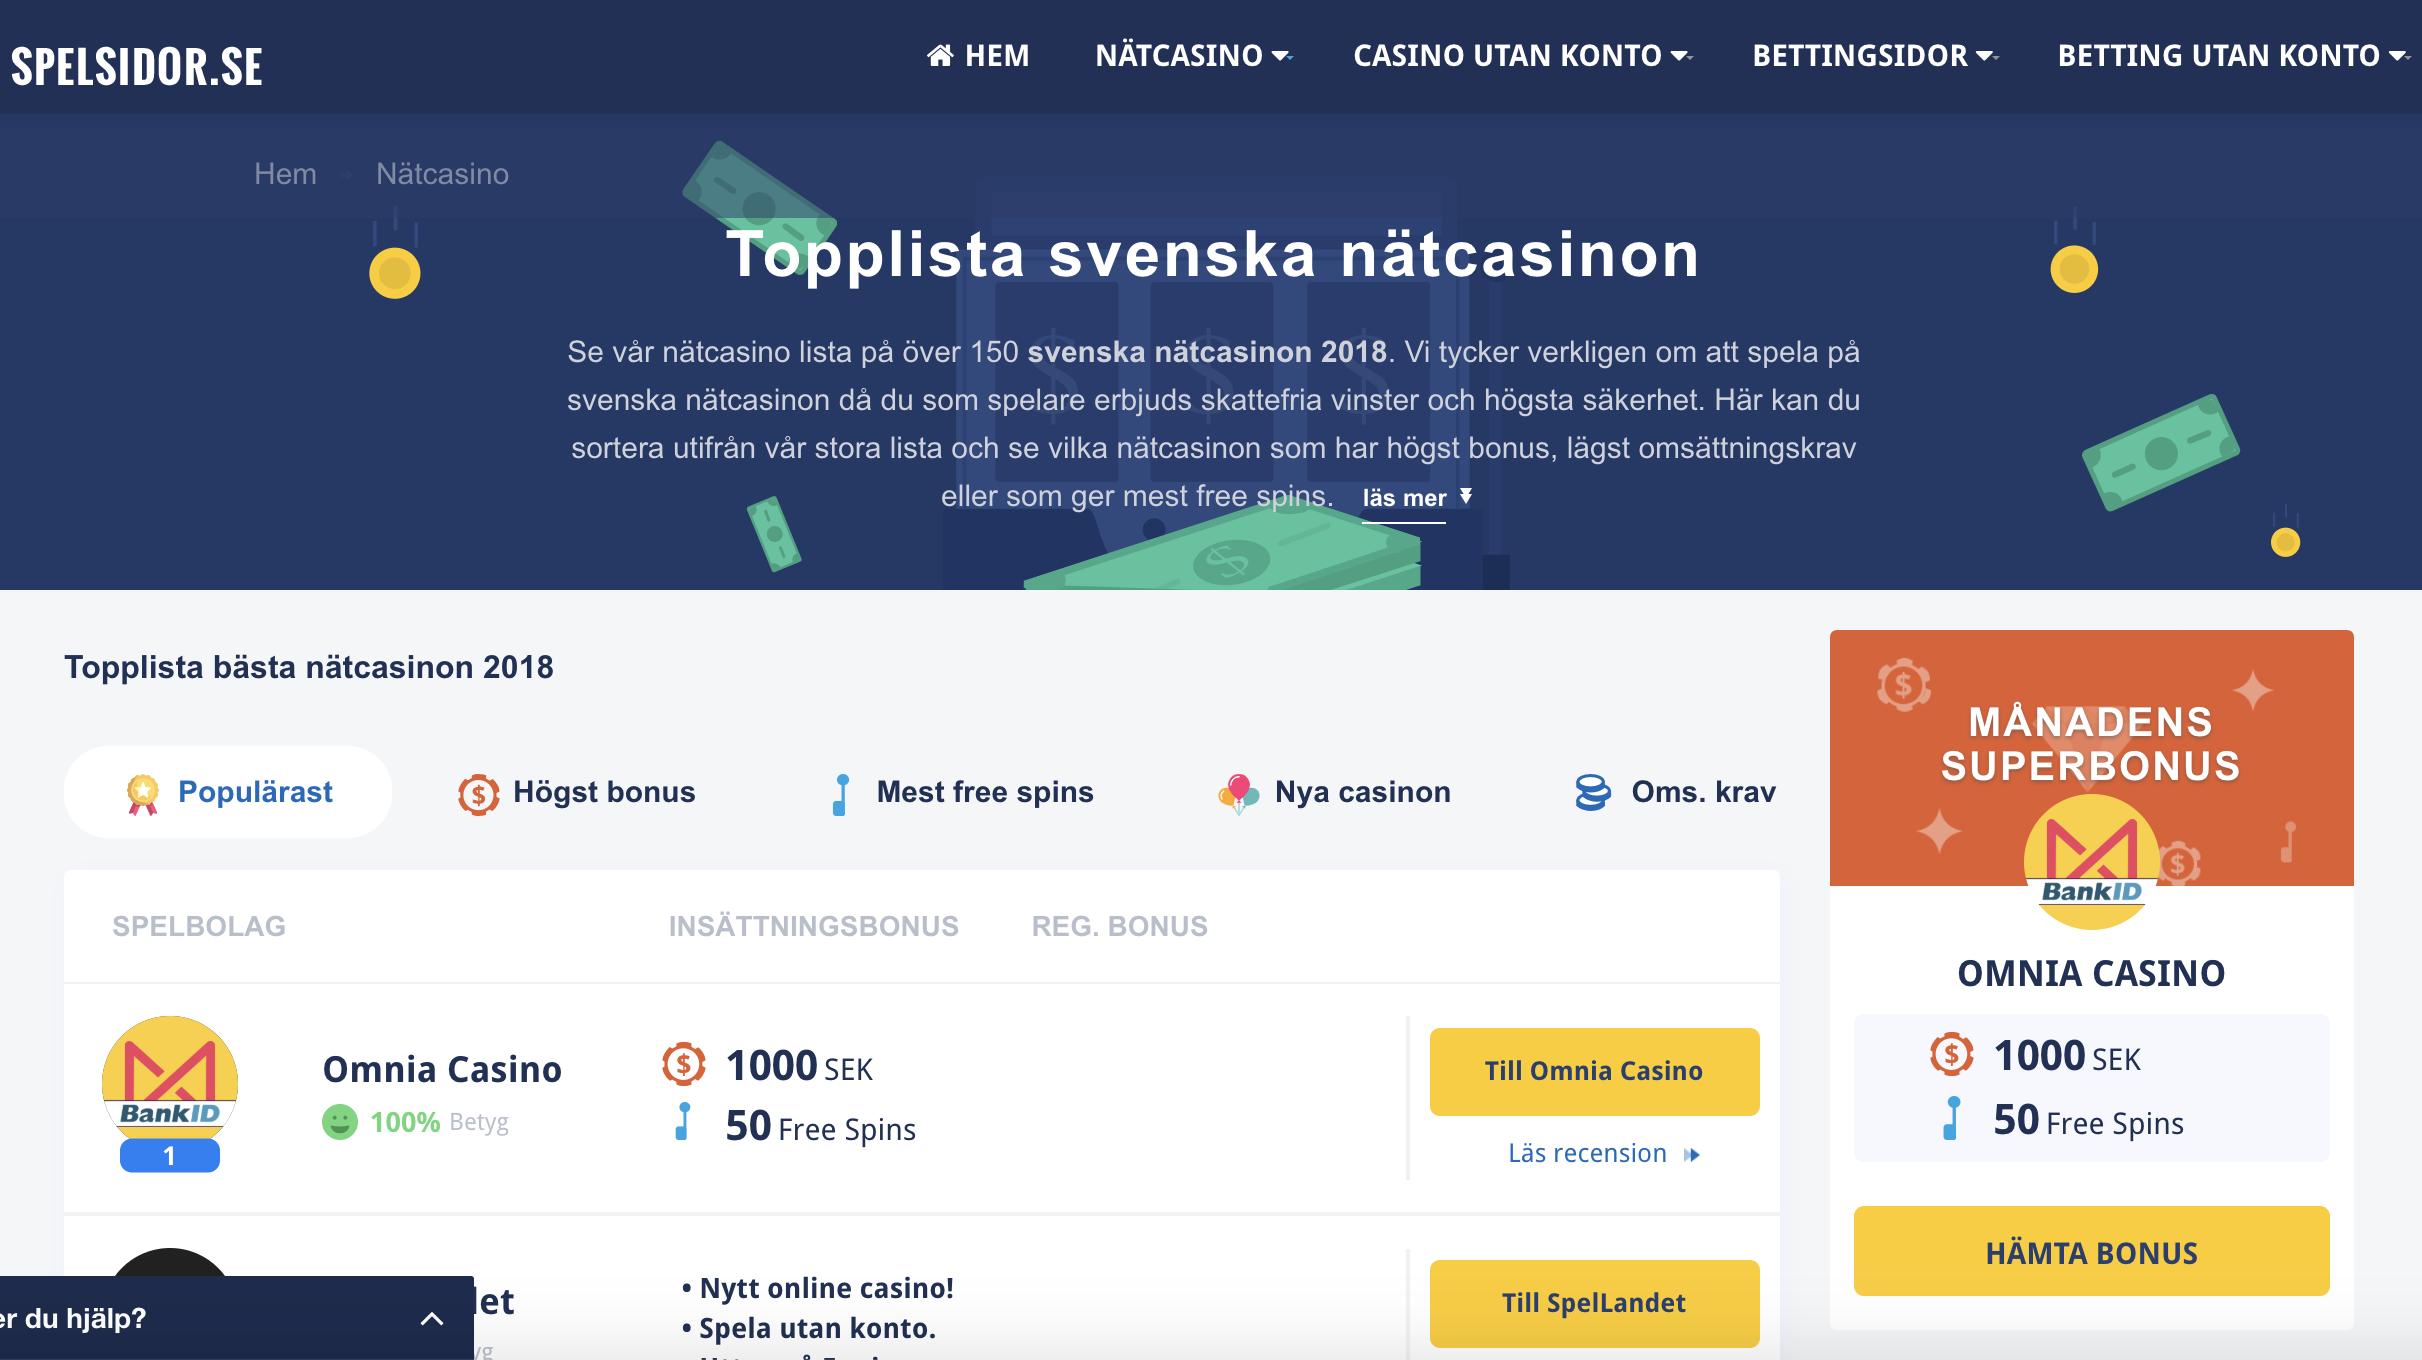 Nätcasino bankid villkor - 35813